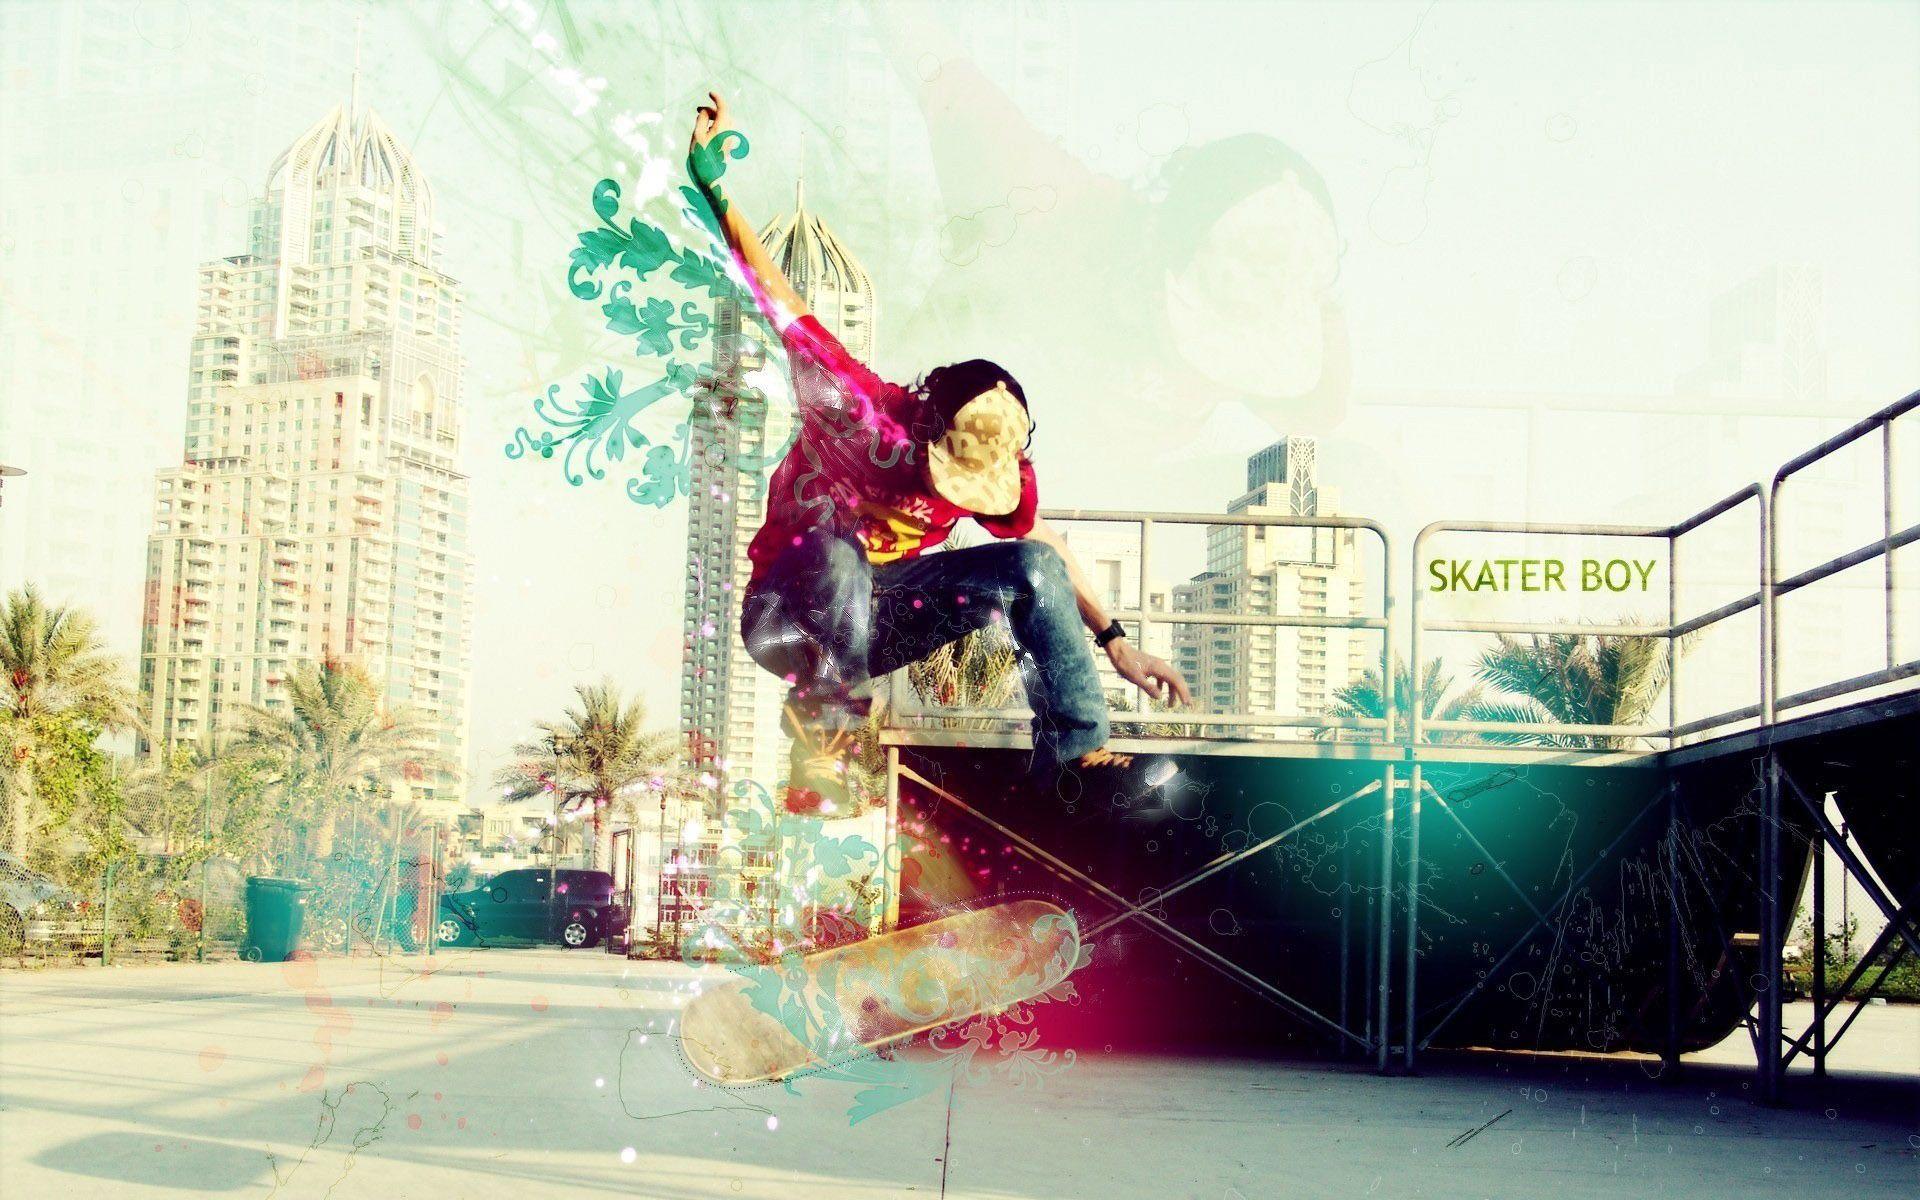 street skating wallpaper Google Search Skate or Die